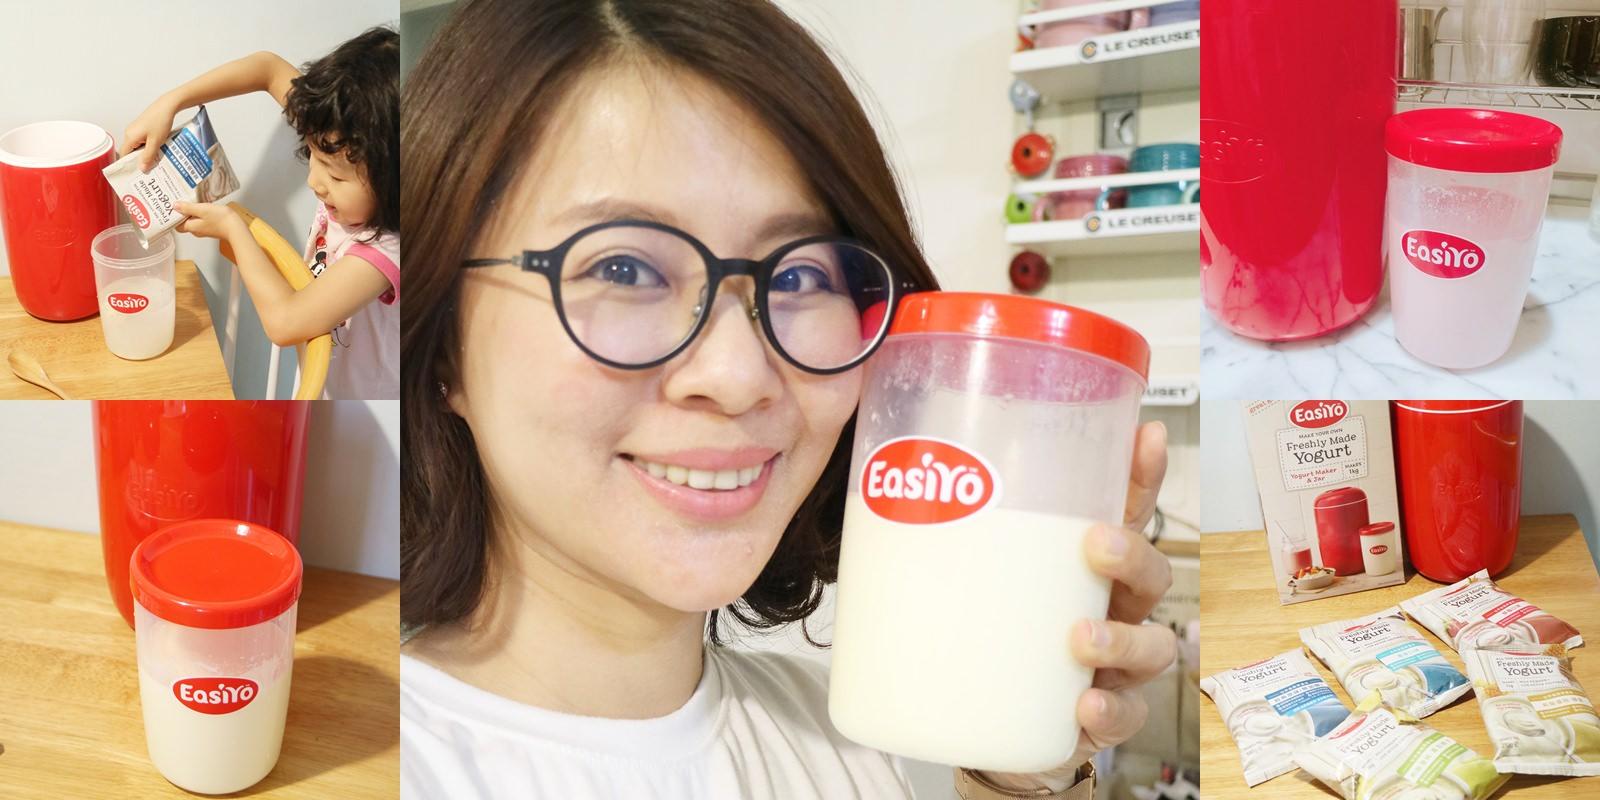 【開團】EasiYo優格機 親子料理 自製優格 口味特好 免插電 100%成功率